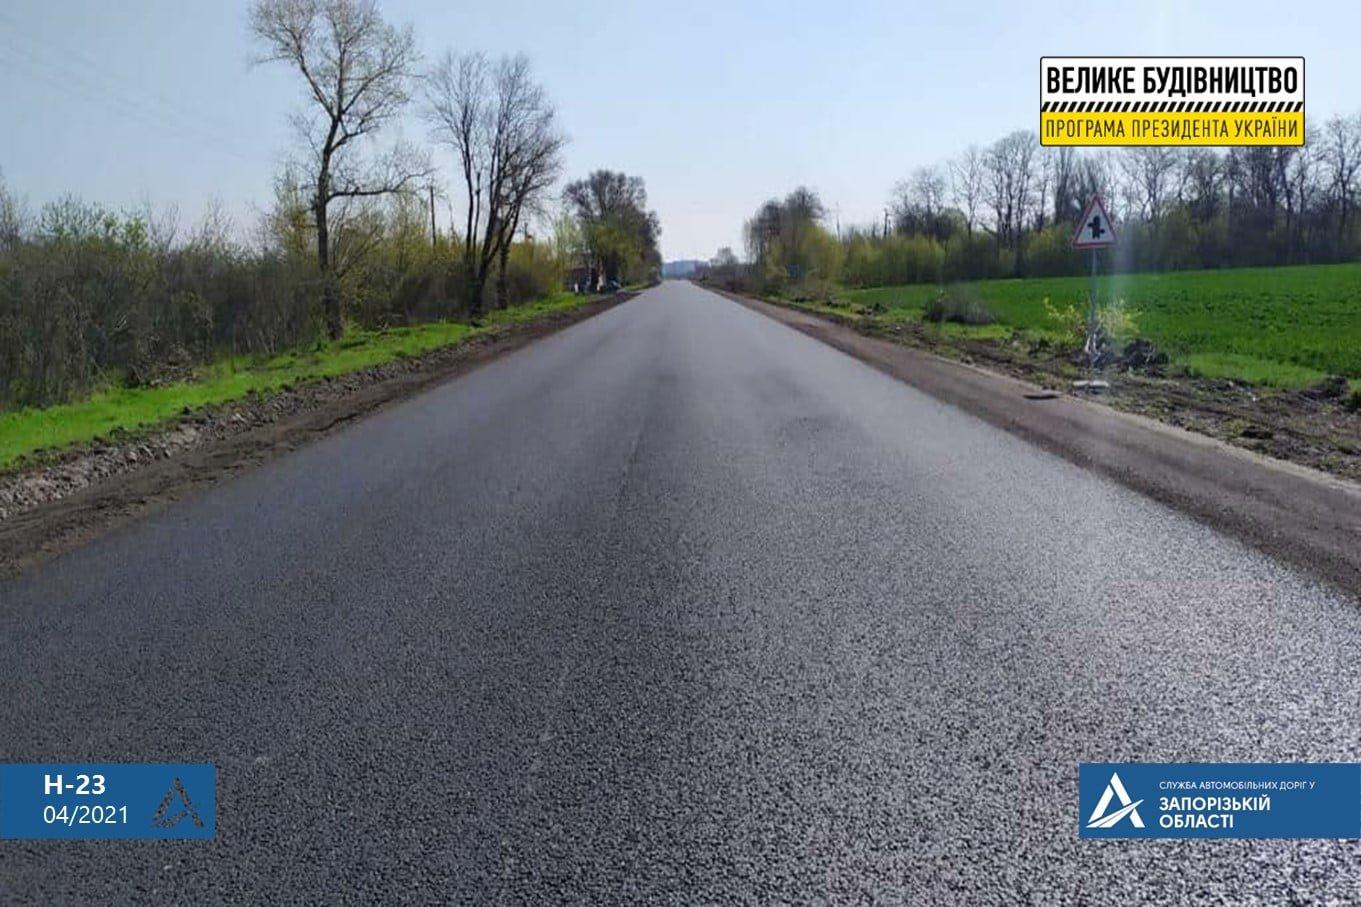 На трассе Кропивницкий-Кривой Рог - Запорожье завершаются работы по асфальтированию дороги, - ФОТО , фото-3